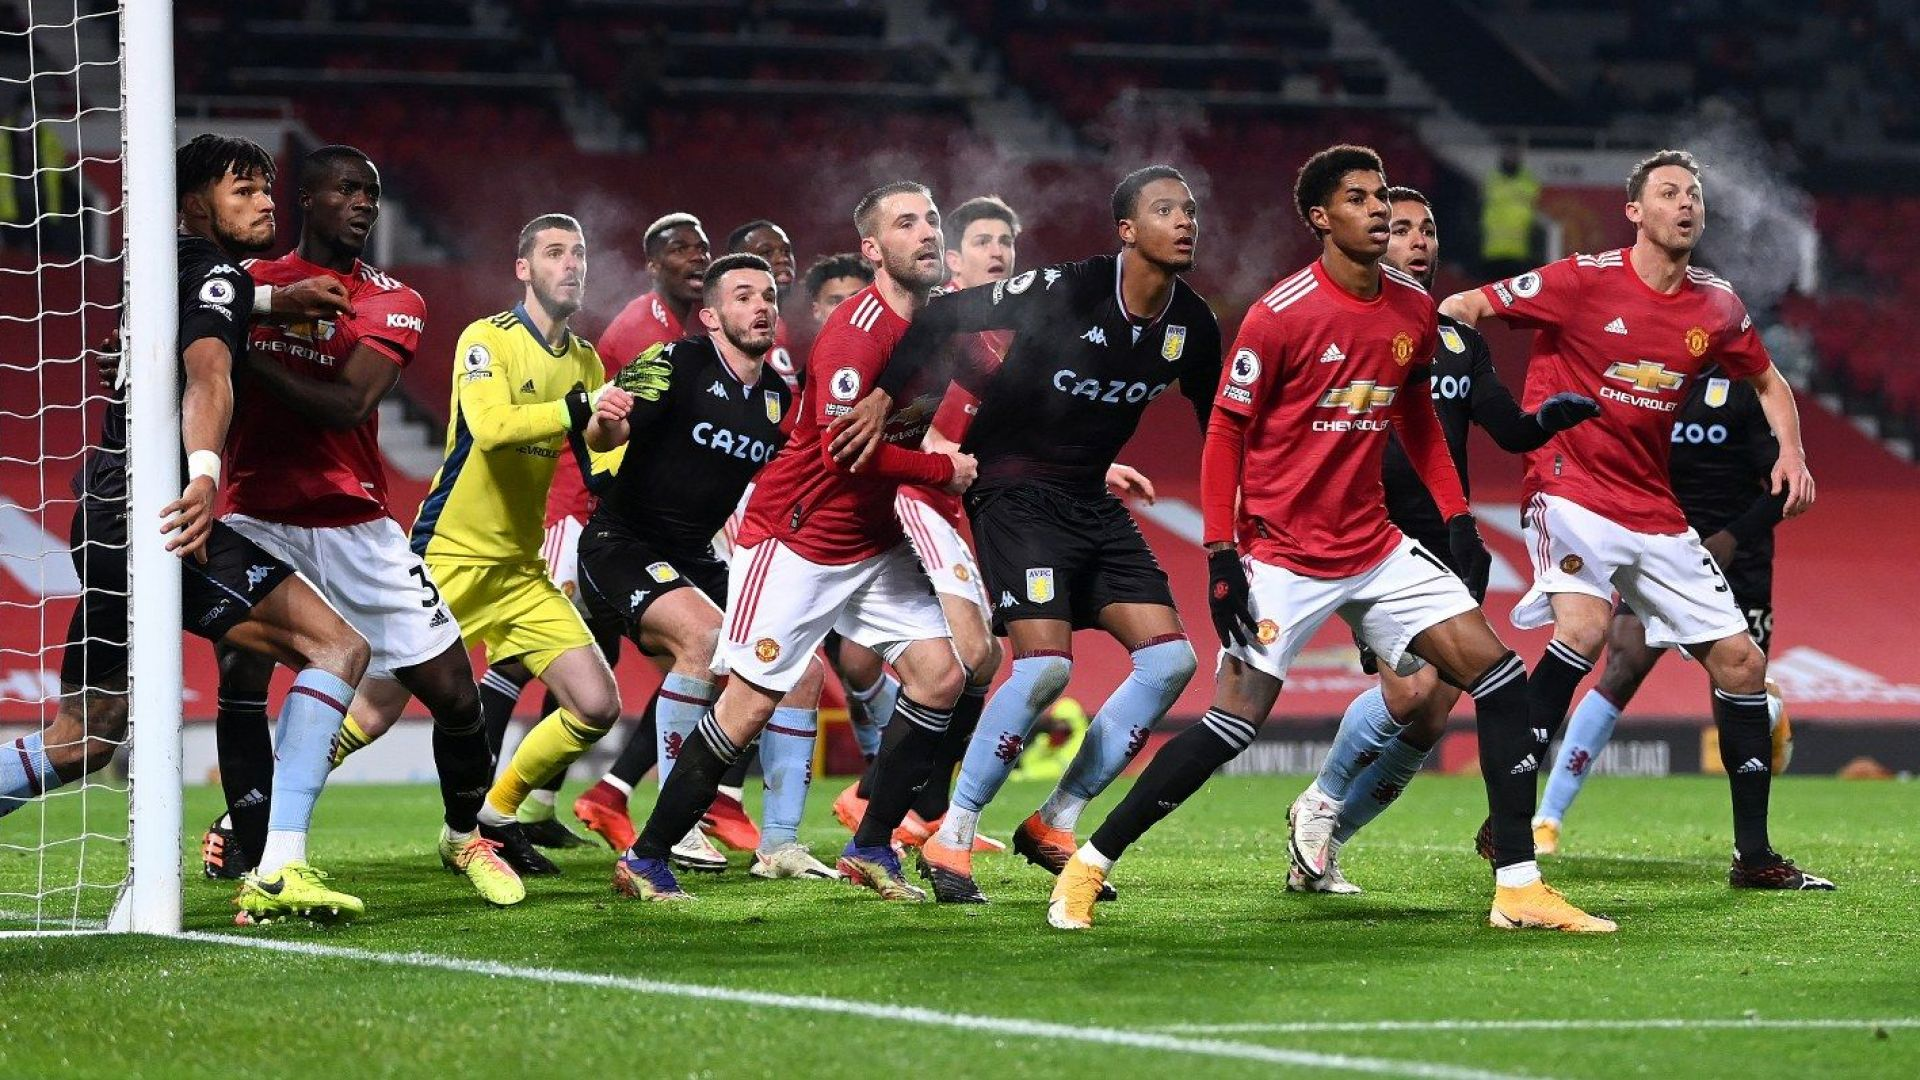 Спорна дузпа в супер мач изравни Манчестър Юнайтед с лидера Ливърпул